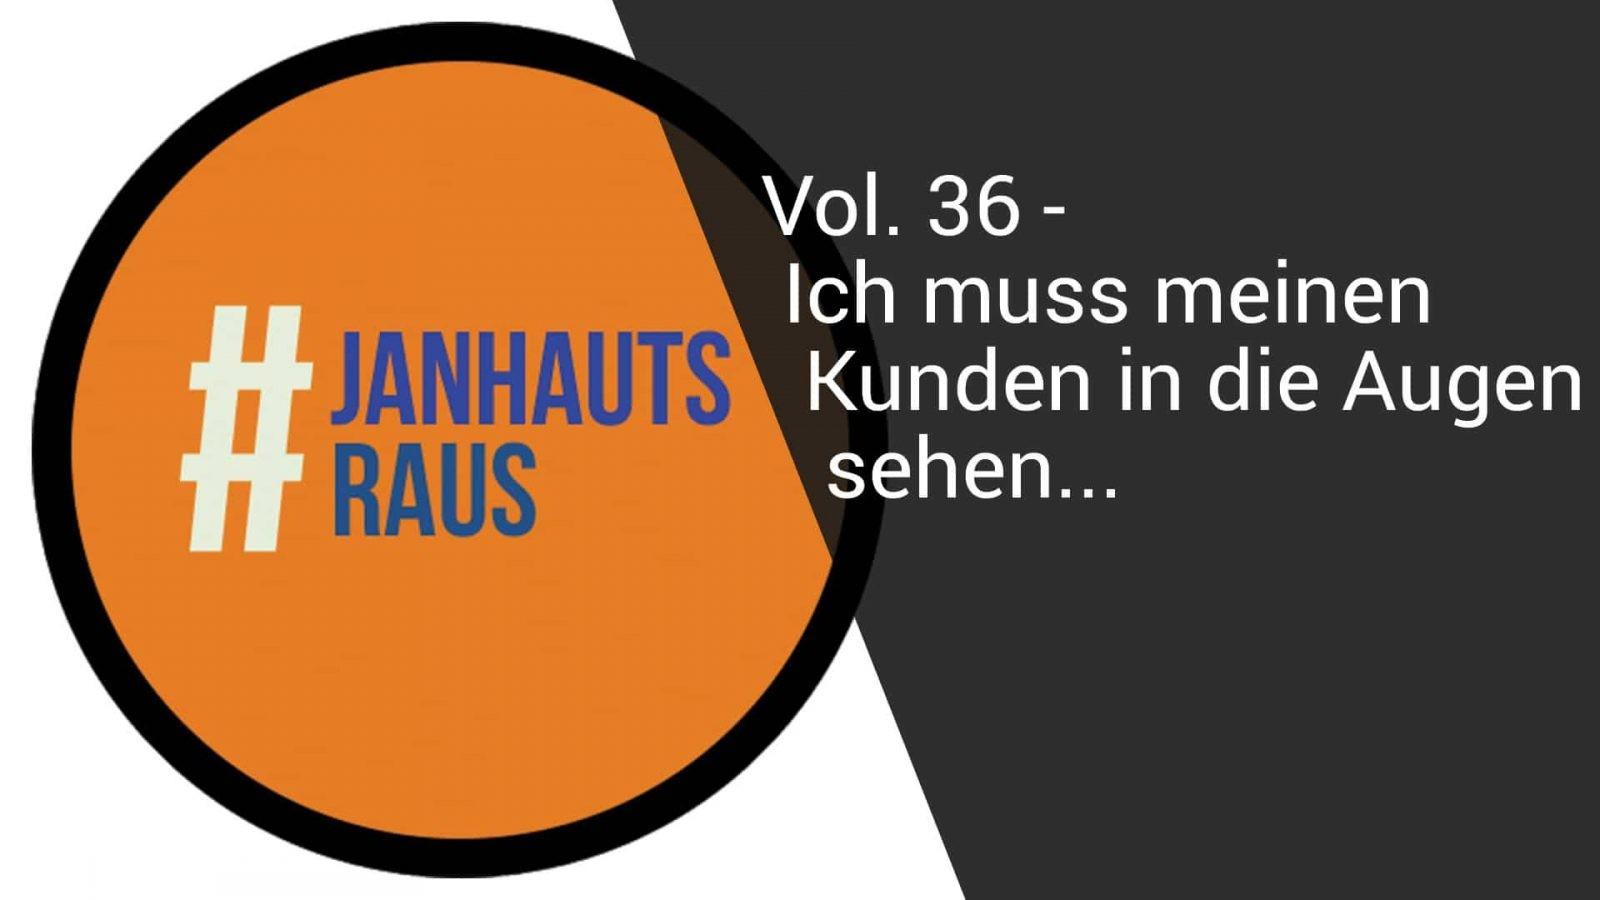 #janhautsraus - Vol. 36 - Ich muss meinen Kunden in die Augen sehen